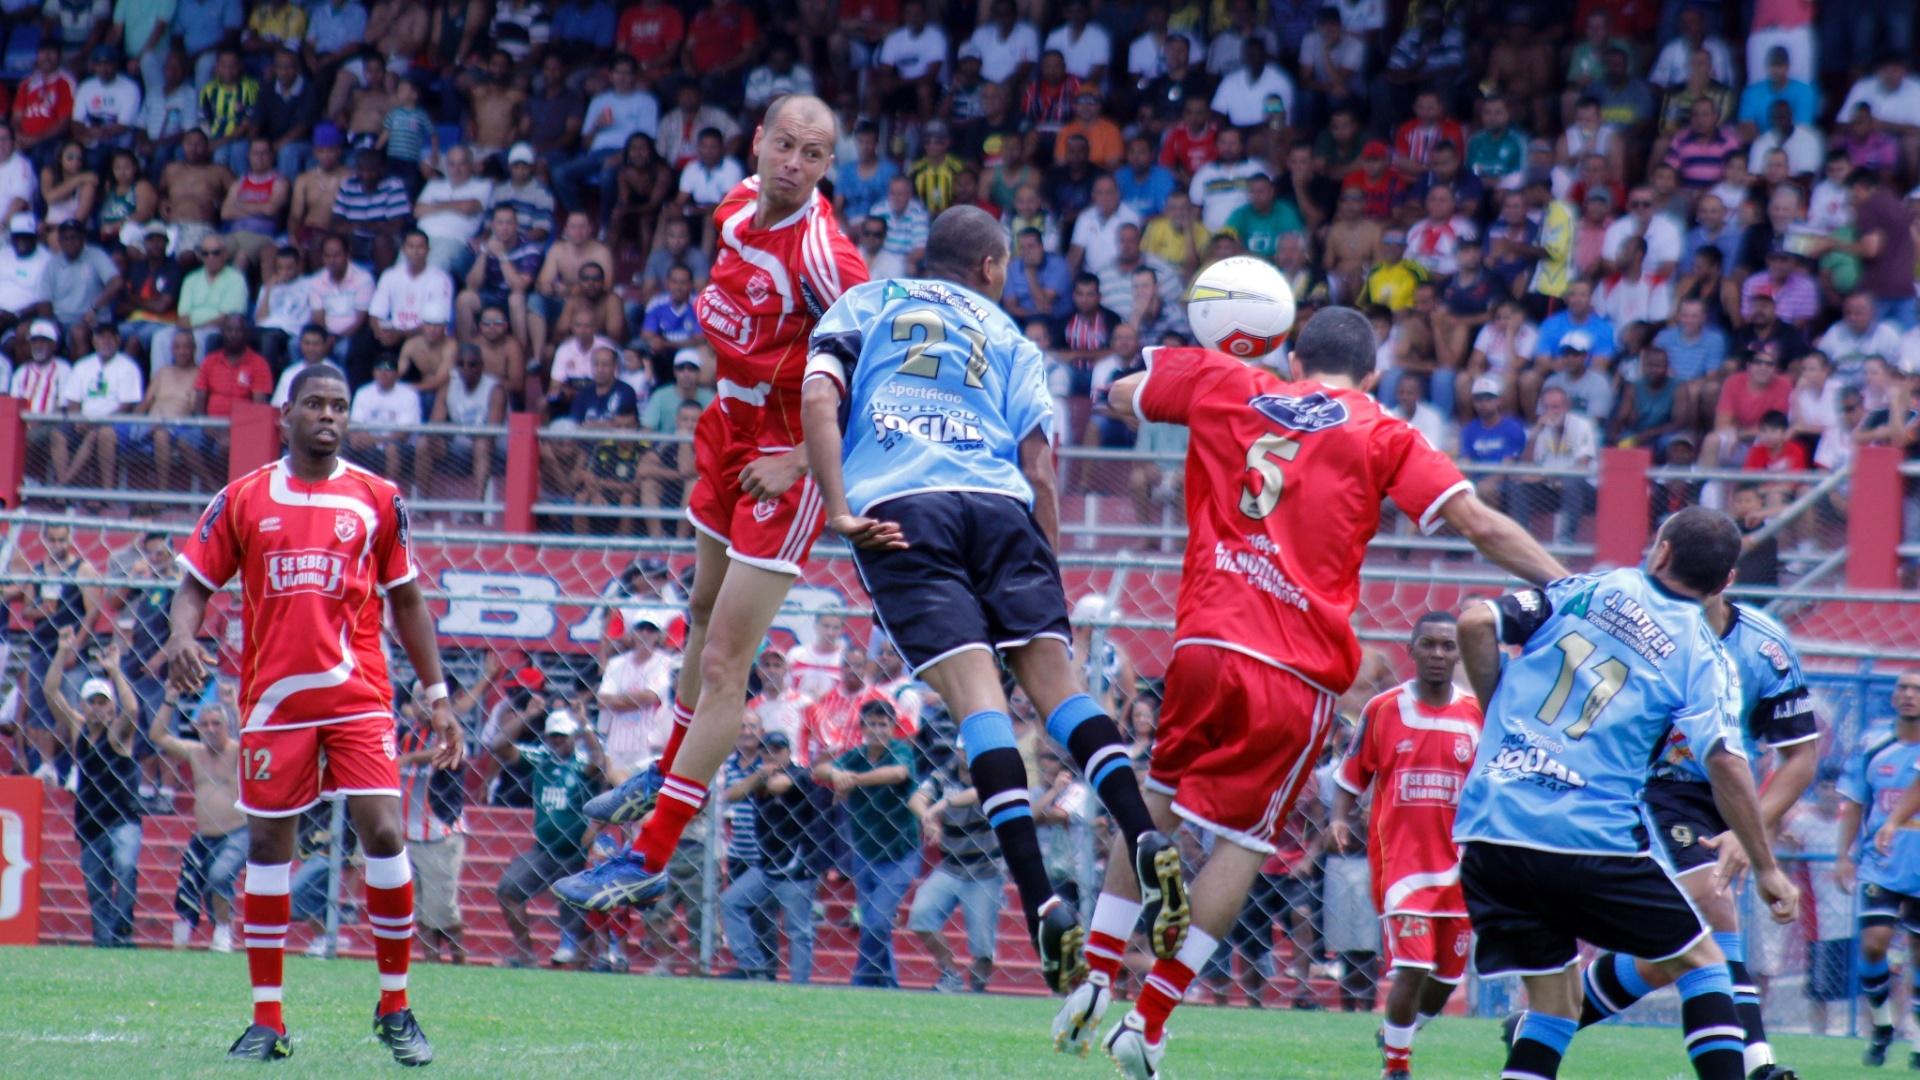 Jogadores de Turma do Baffo (de azul) e Noroeste disputam pela bola durante semifinal da Copa Kaiser